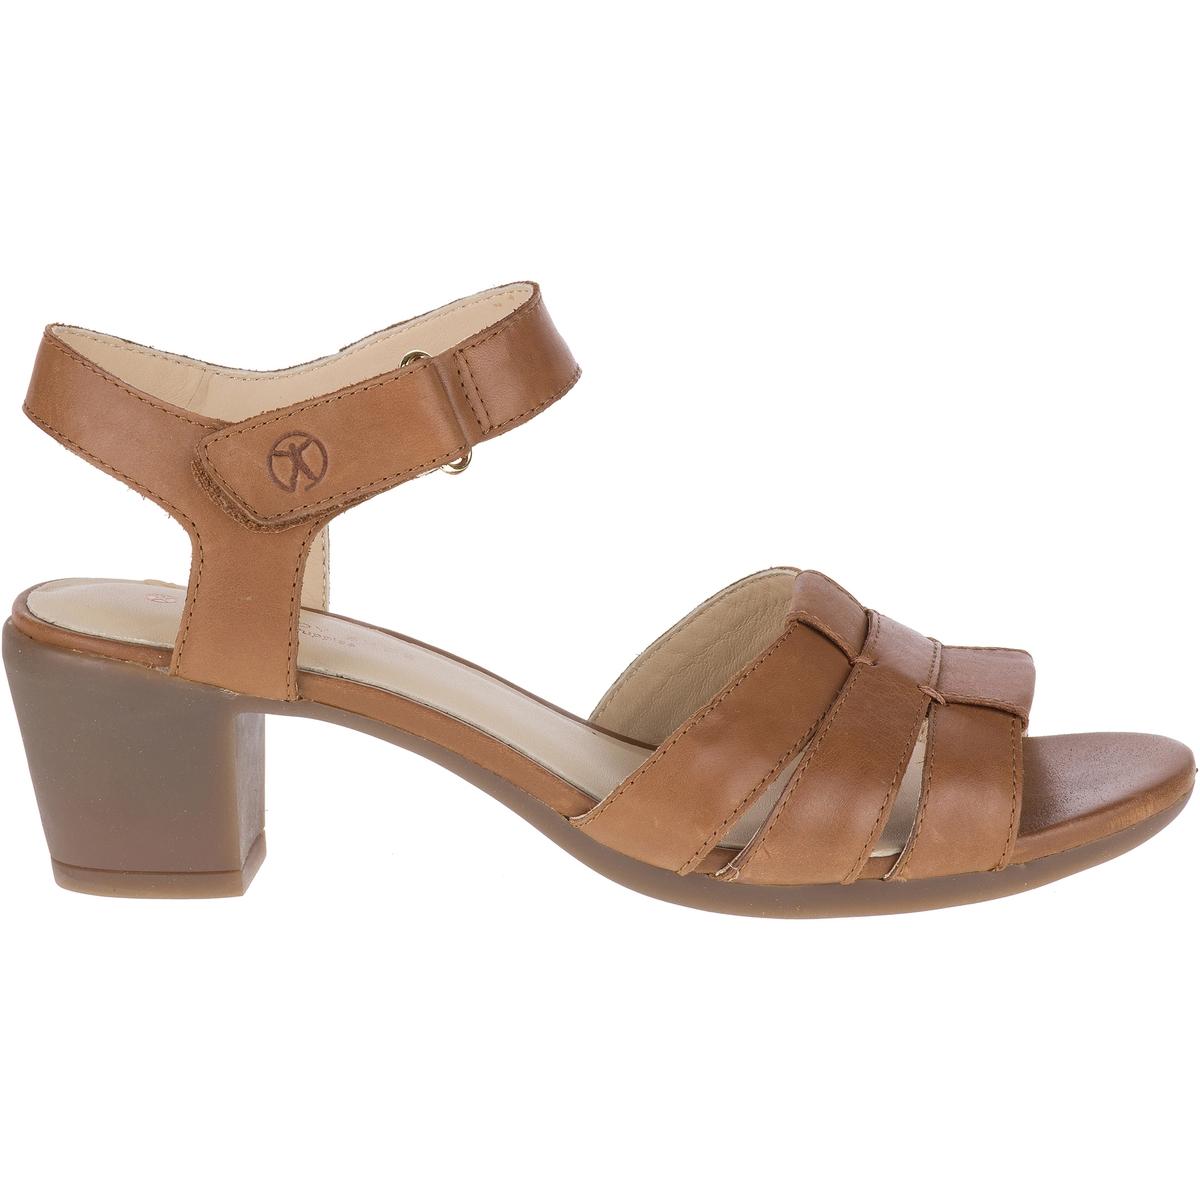 Sandálias em pele com tacão, Strap